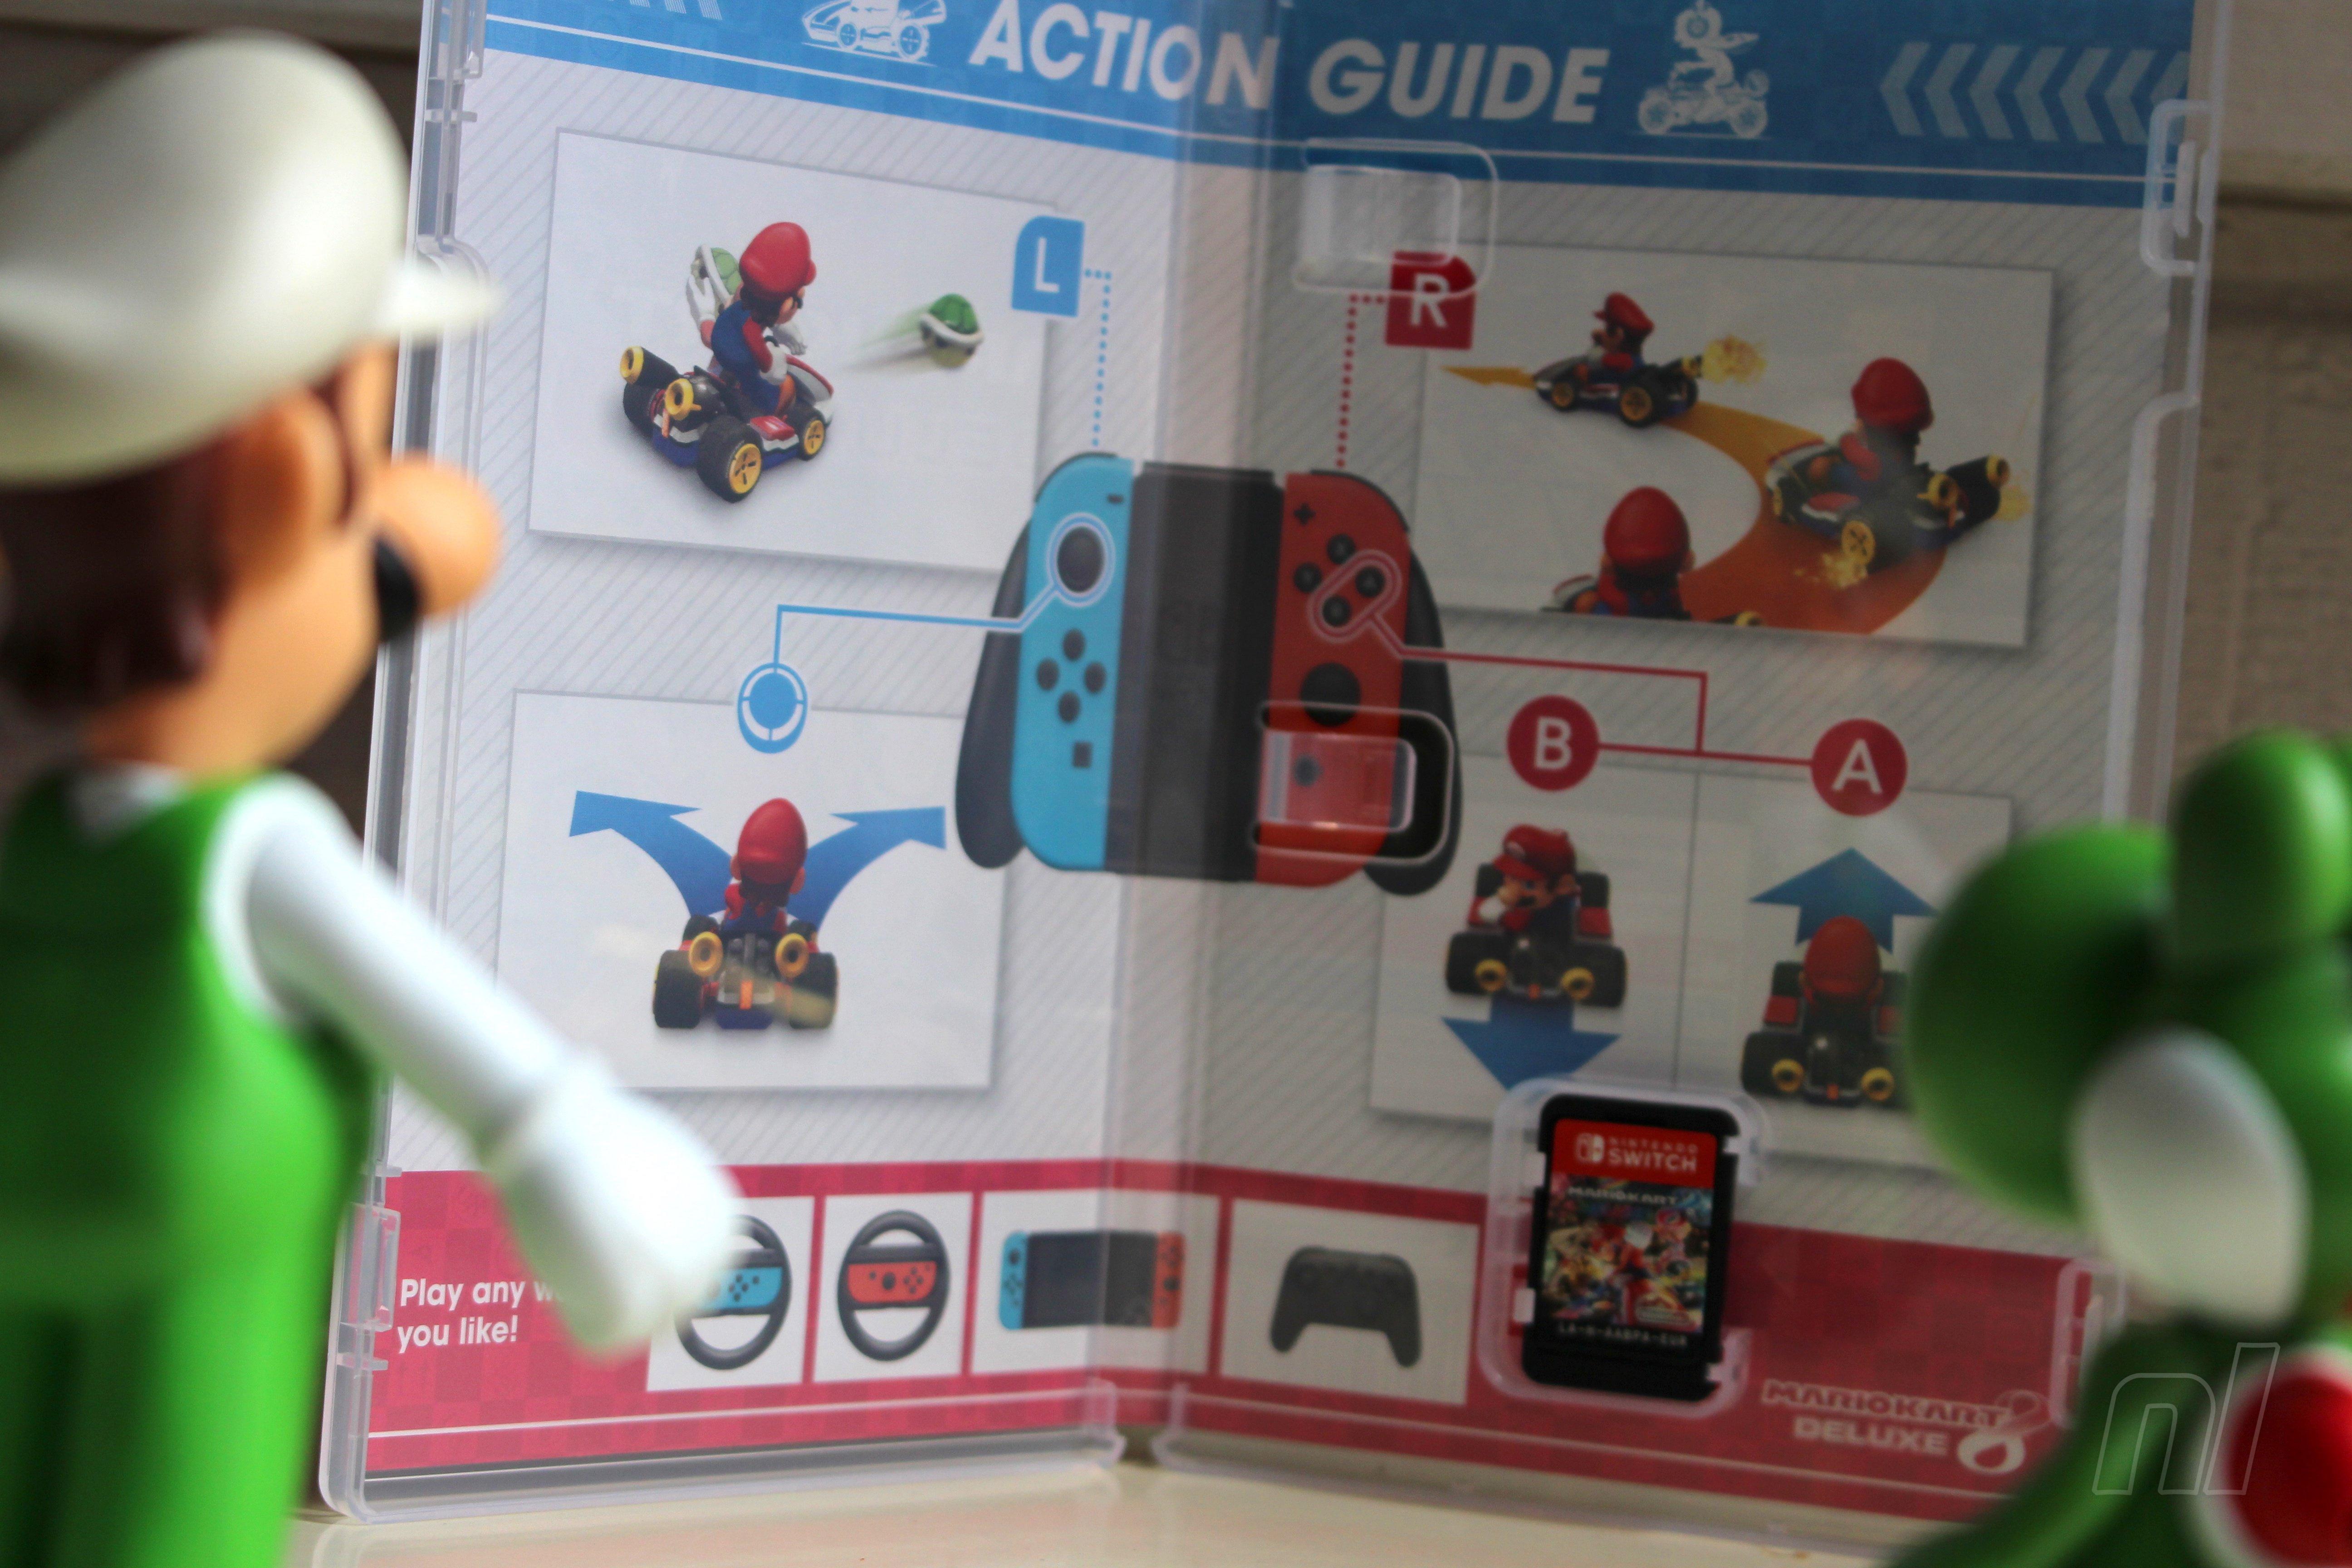 Mario Kart 8 Deluxe Instructions